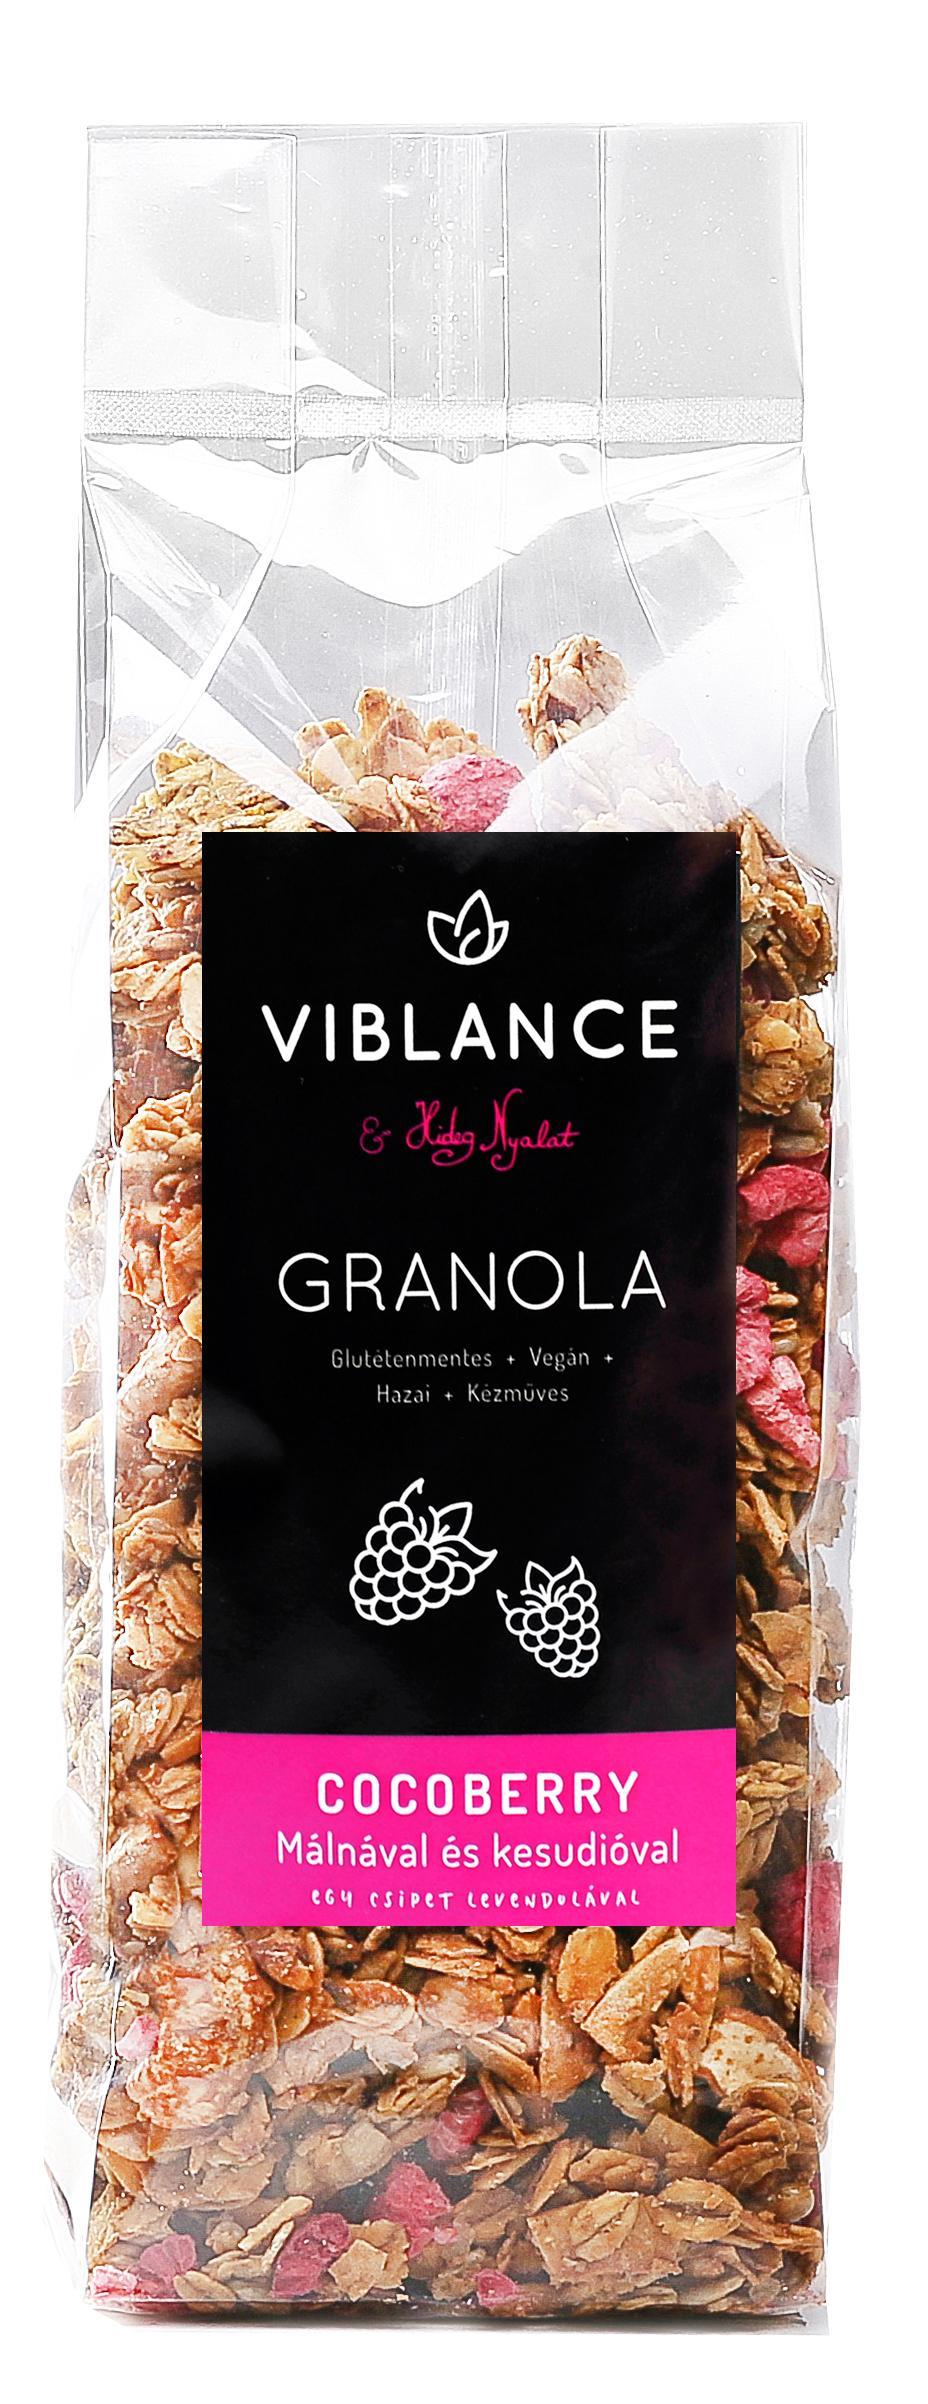 Granola - Cocoberry 250g